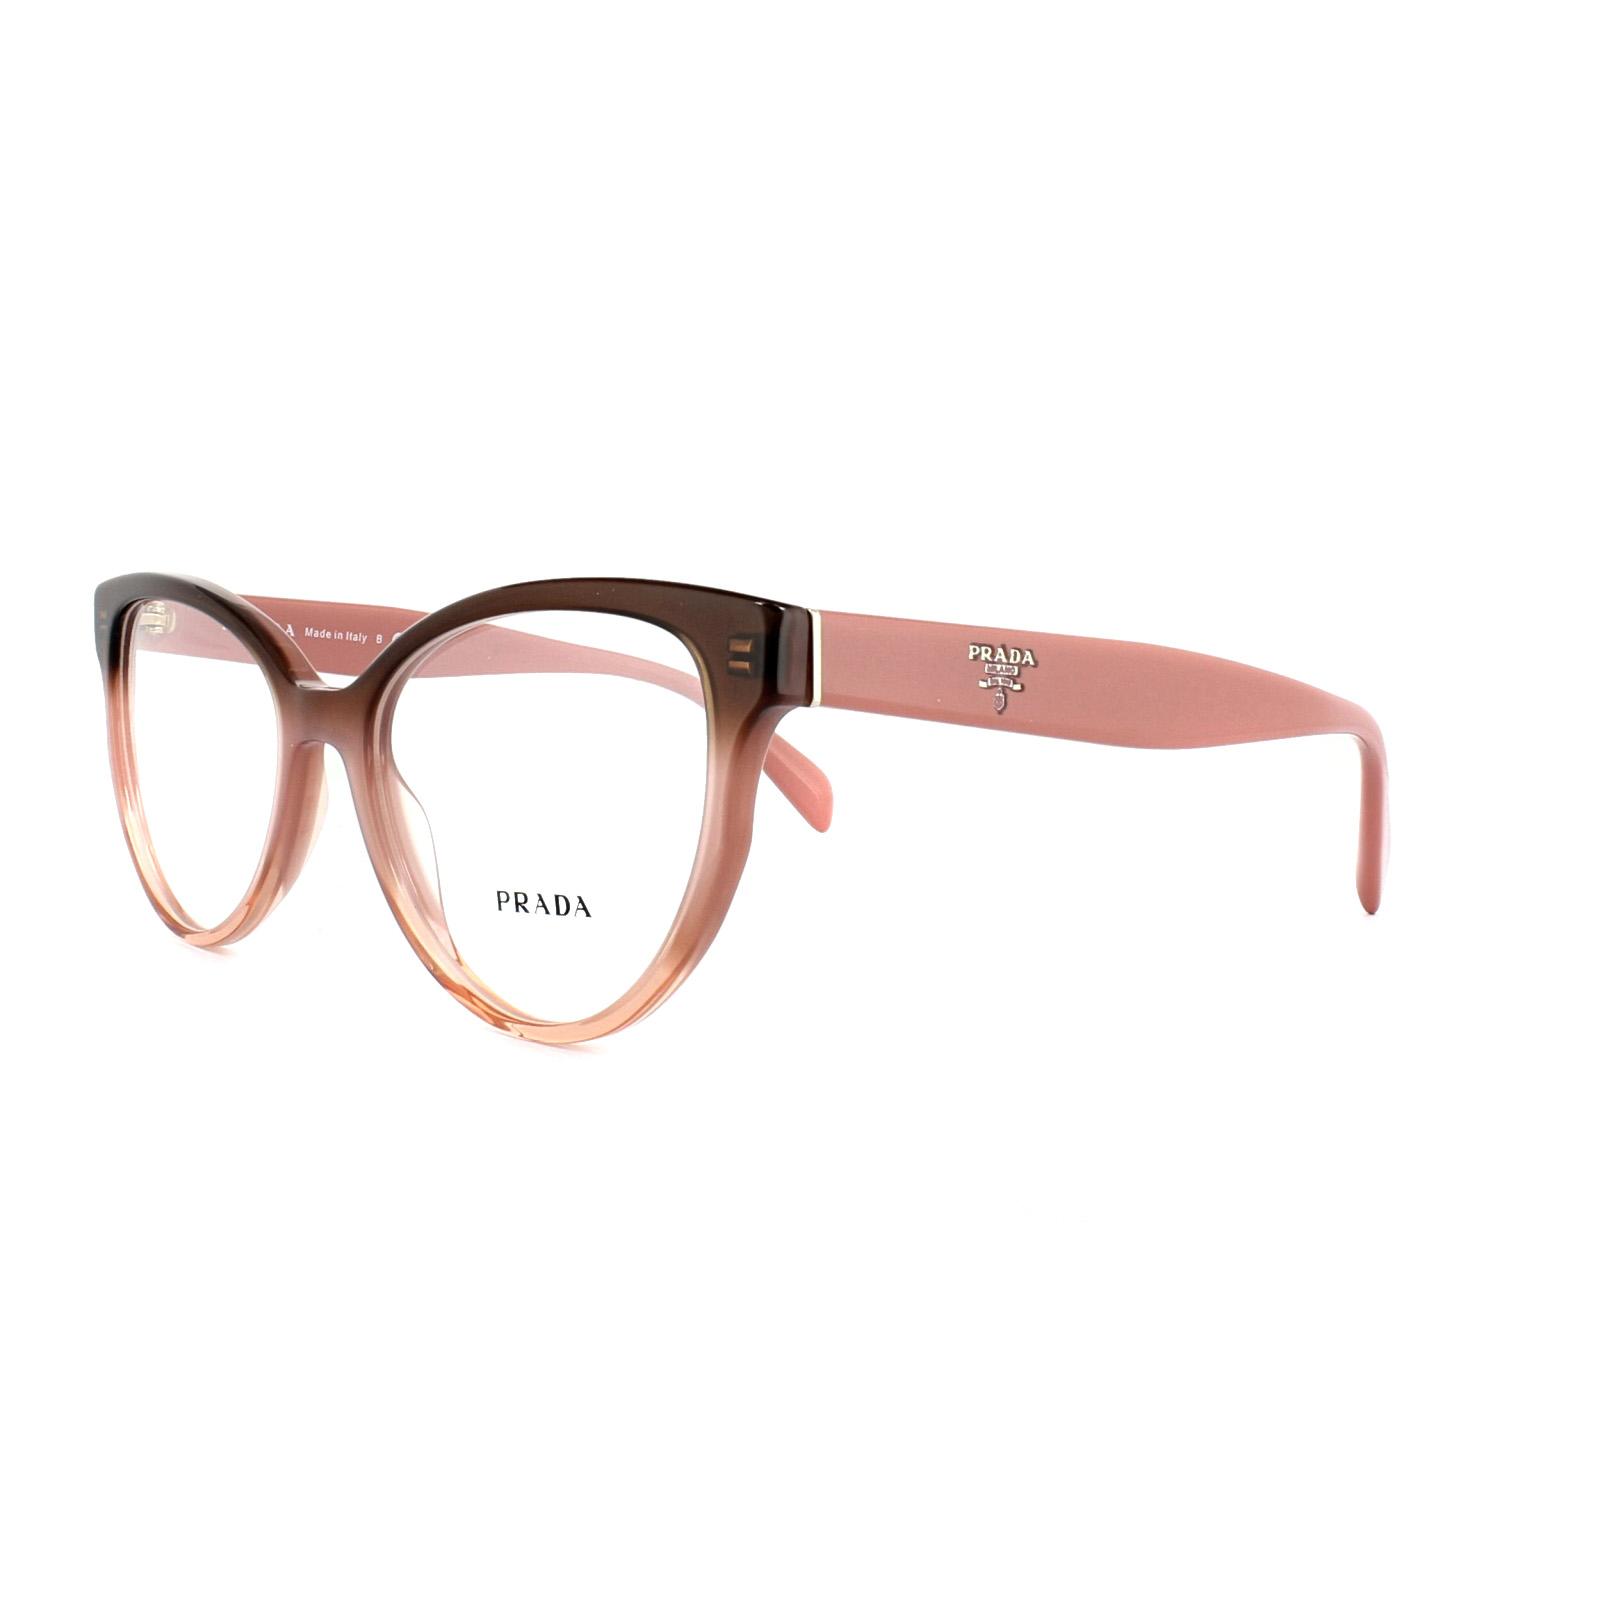 392760b2d477 Cheap Prada PR 01UV Glasses Frames - Discounted Sunglasses